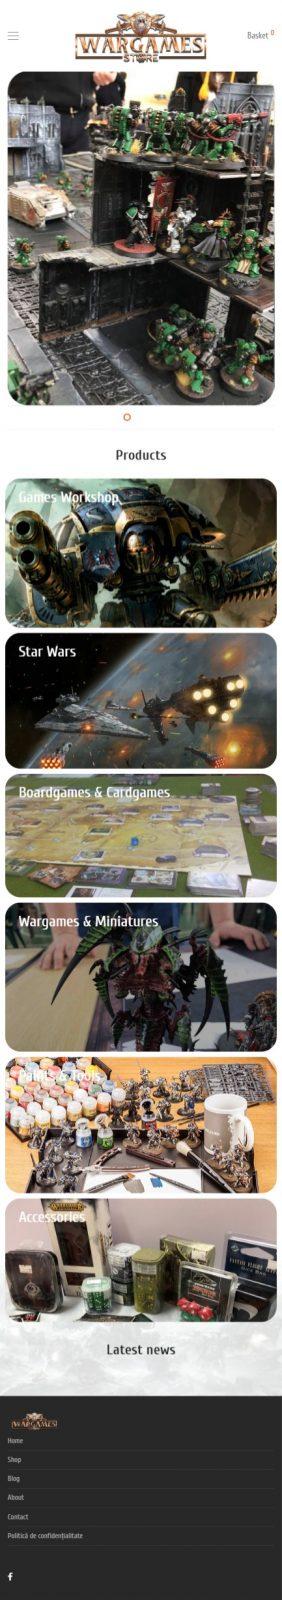 servicii web design creare site web war-games-store.ro client multumit